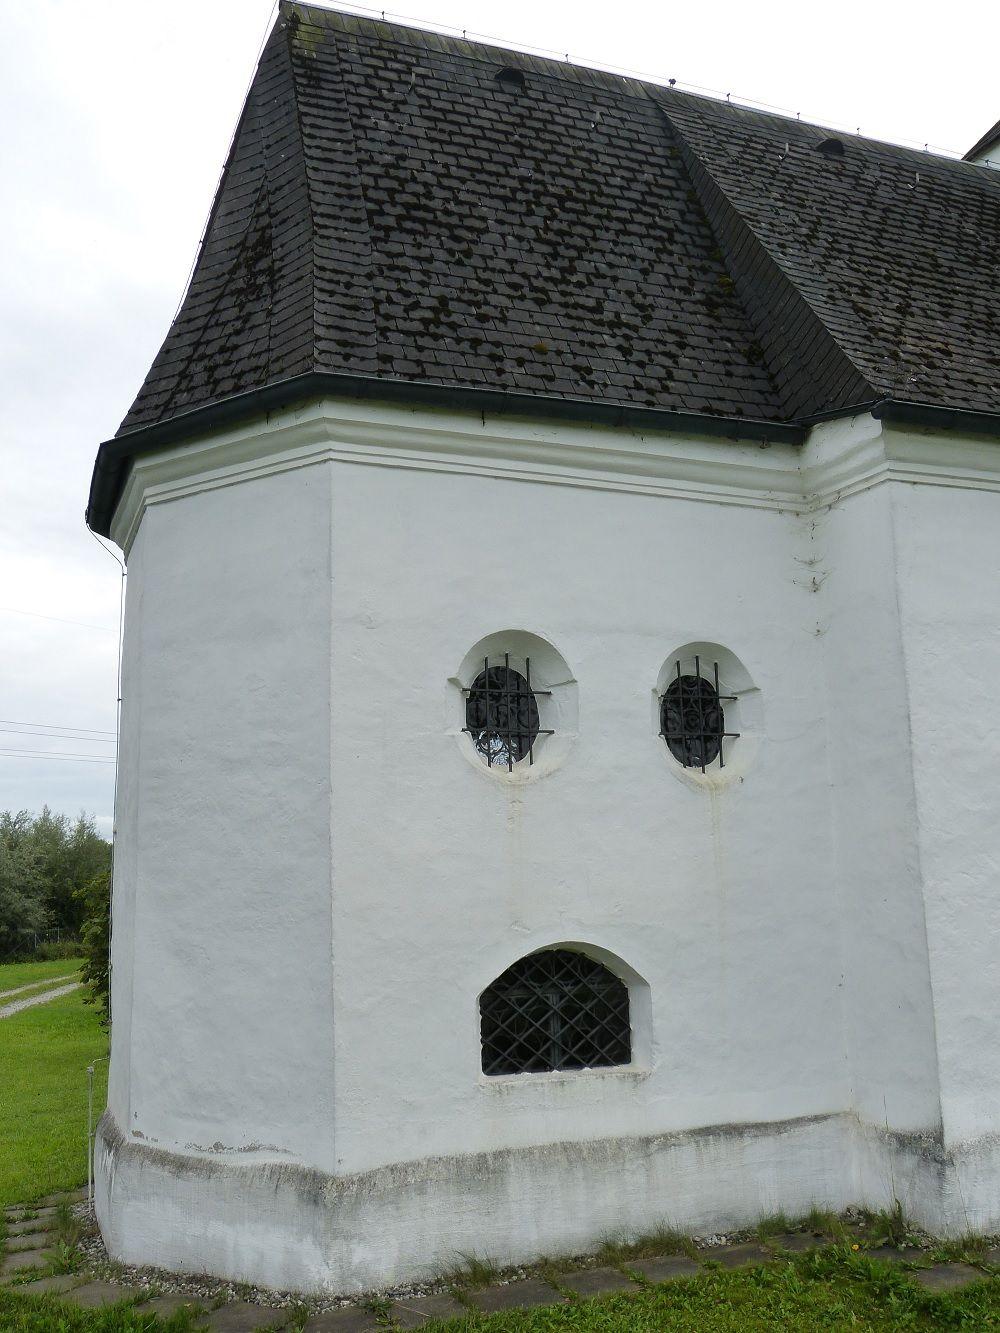 A church with a :o face - near Rosenheim, Bavaria, Germany by @alumbricus